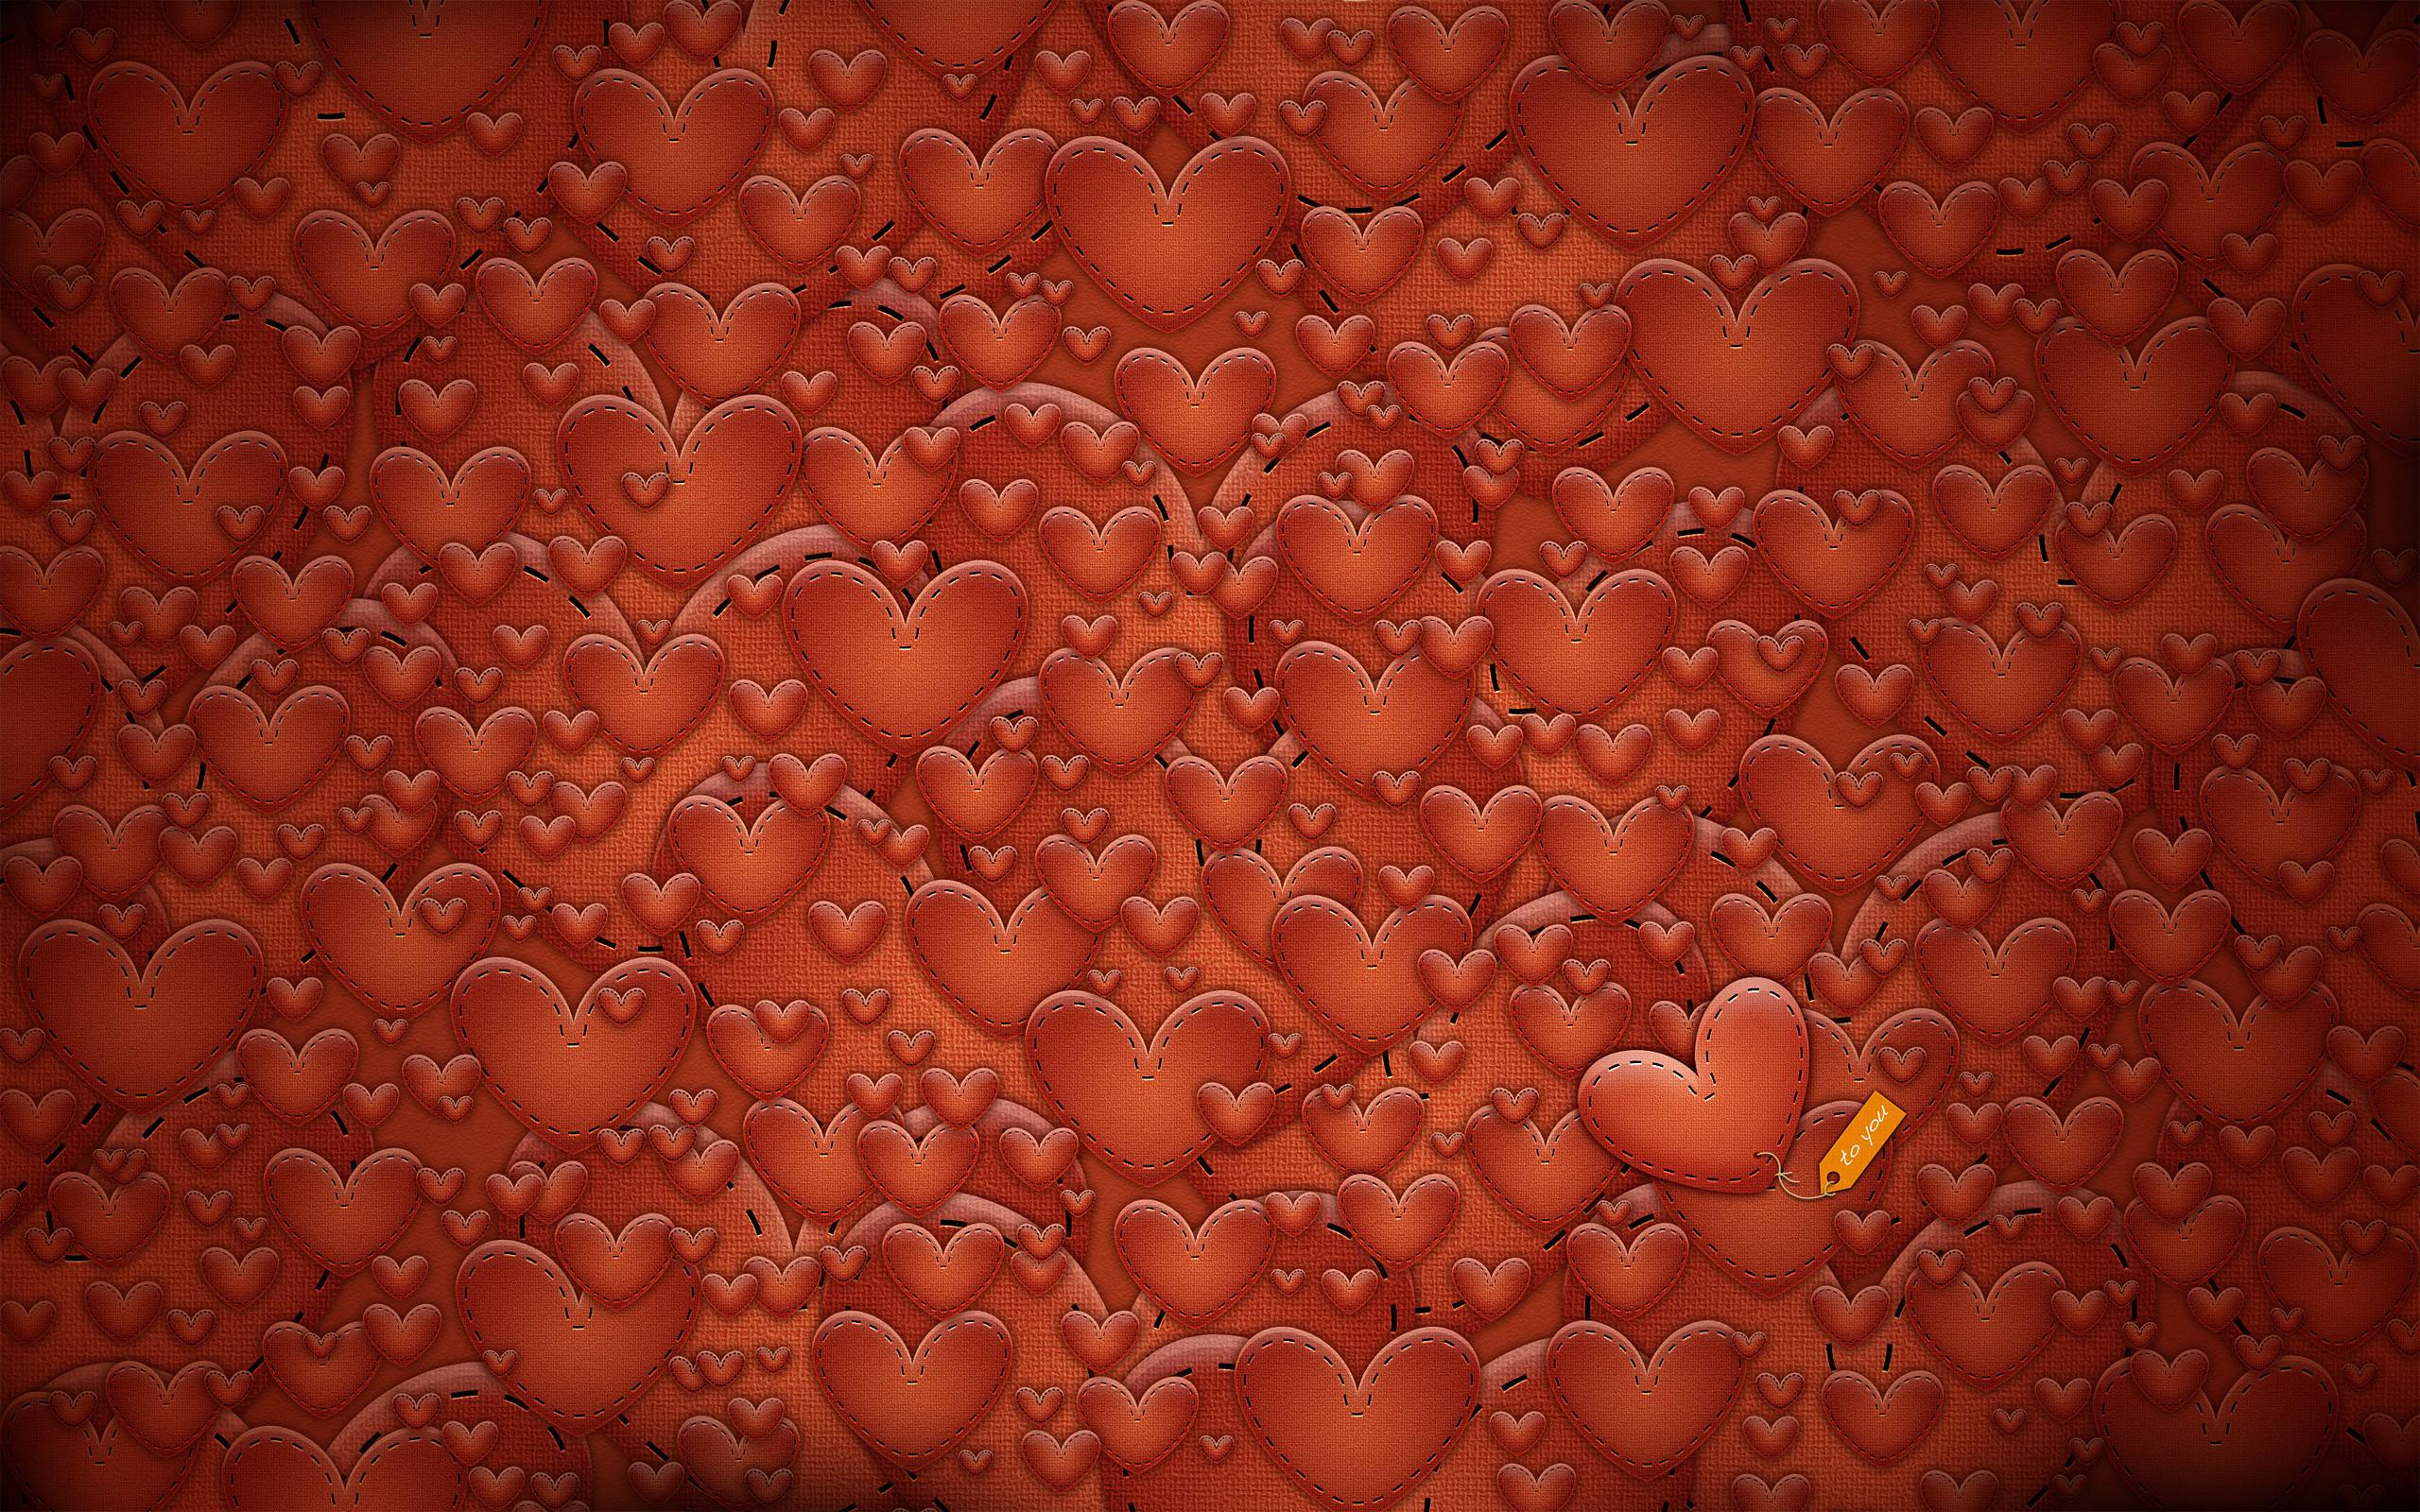 много сердец, текстура, фото, обои для рабочего стола, сердца, скачать